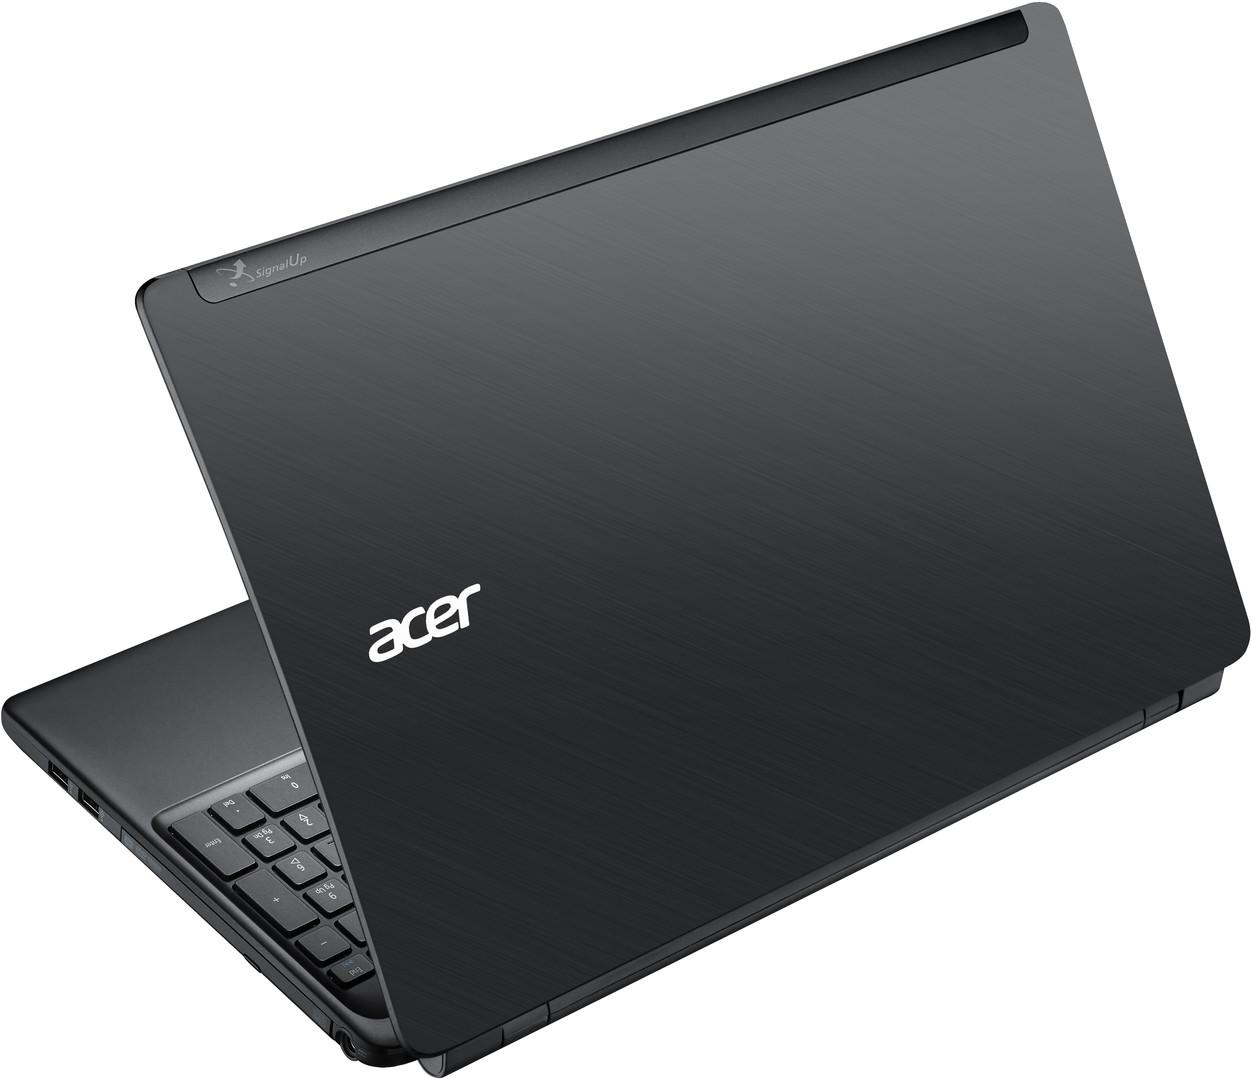 Acer TravelMate P455-M-34014G32Makk